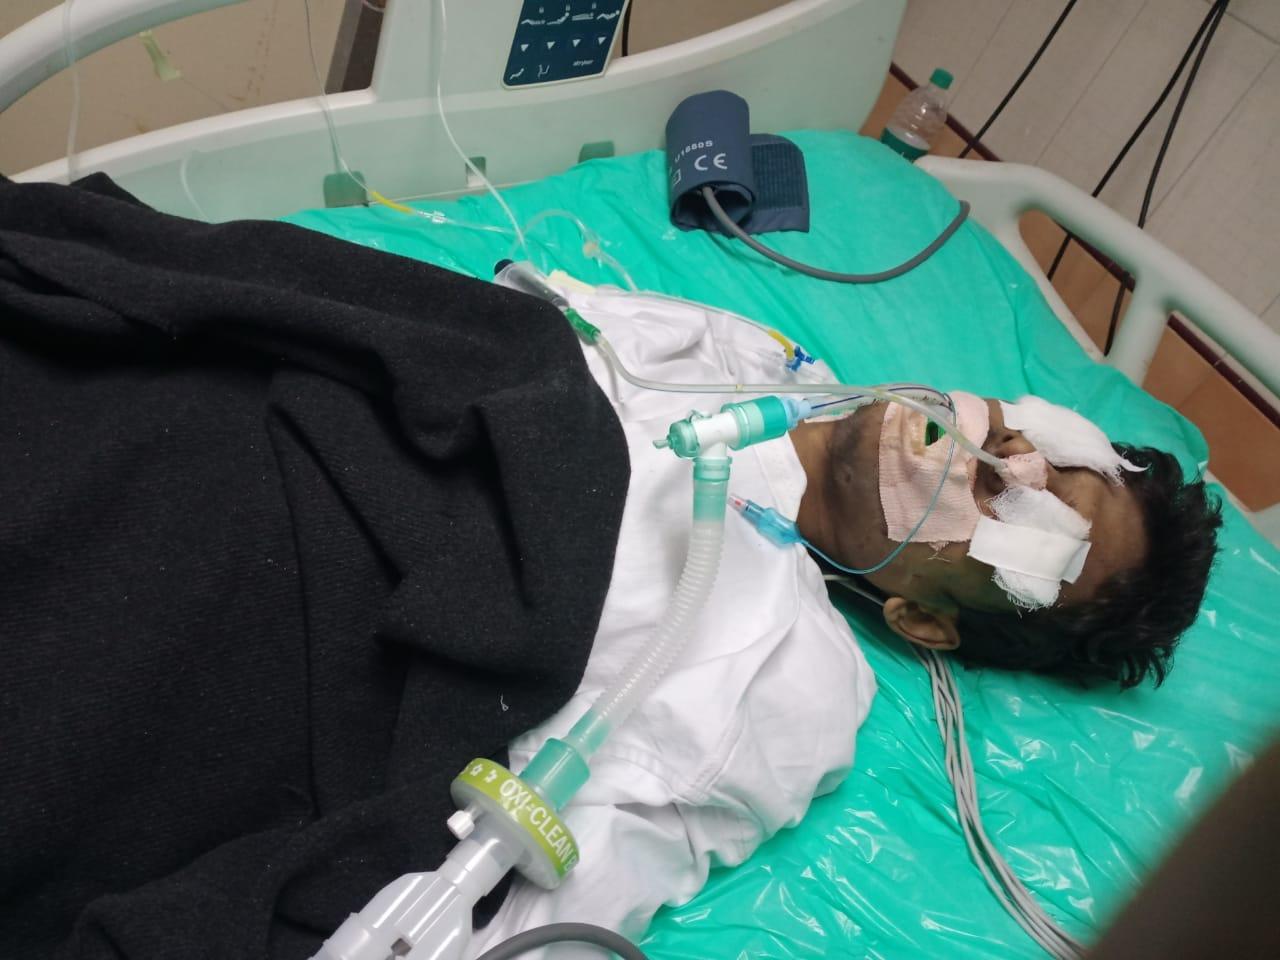 फिलहाल मरीज की हालत गंभीर बनी हुई है और उसे अभी भी वेंटीलेटर पर रखा गया है।